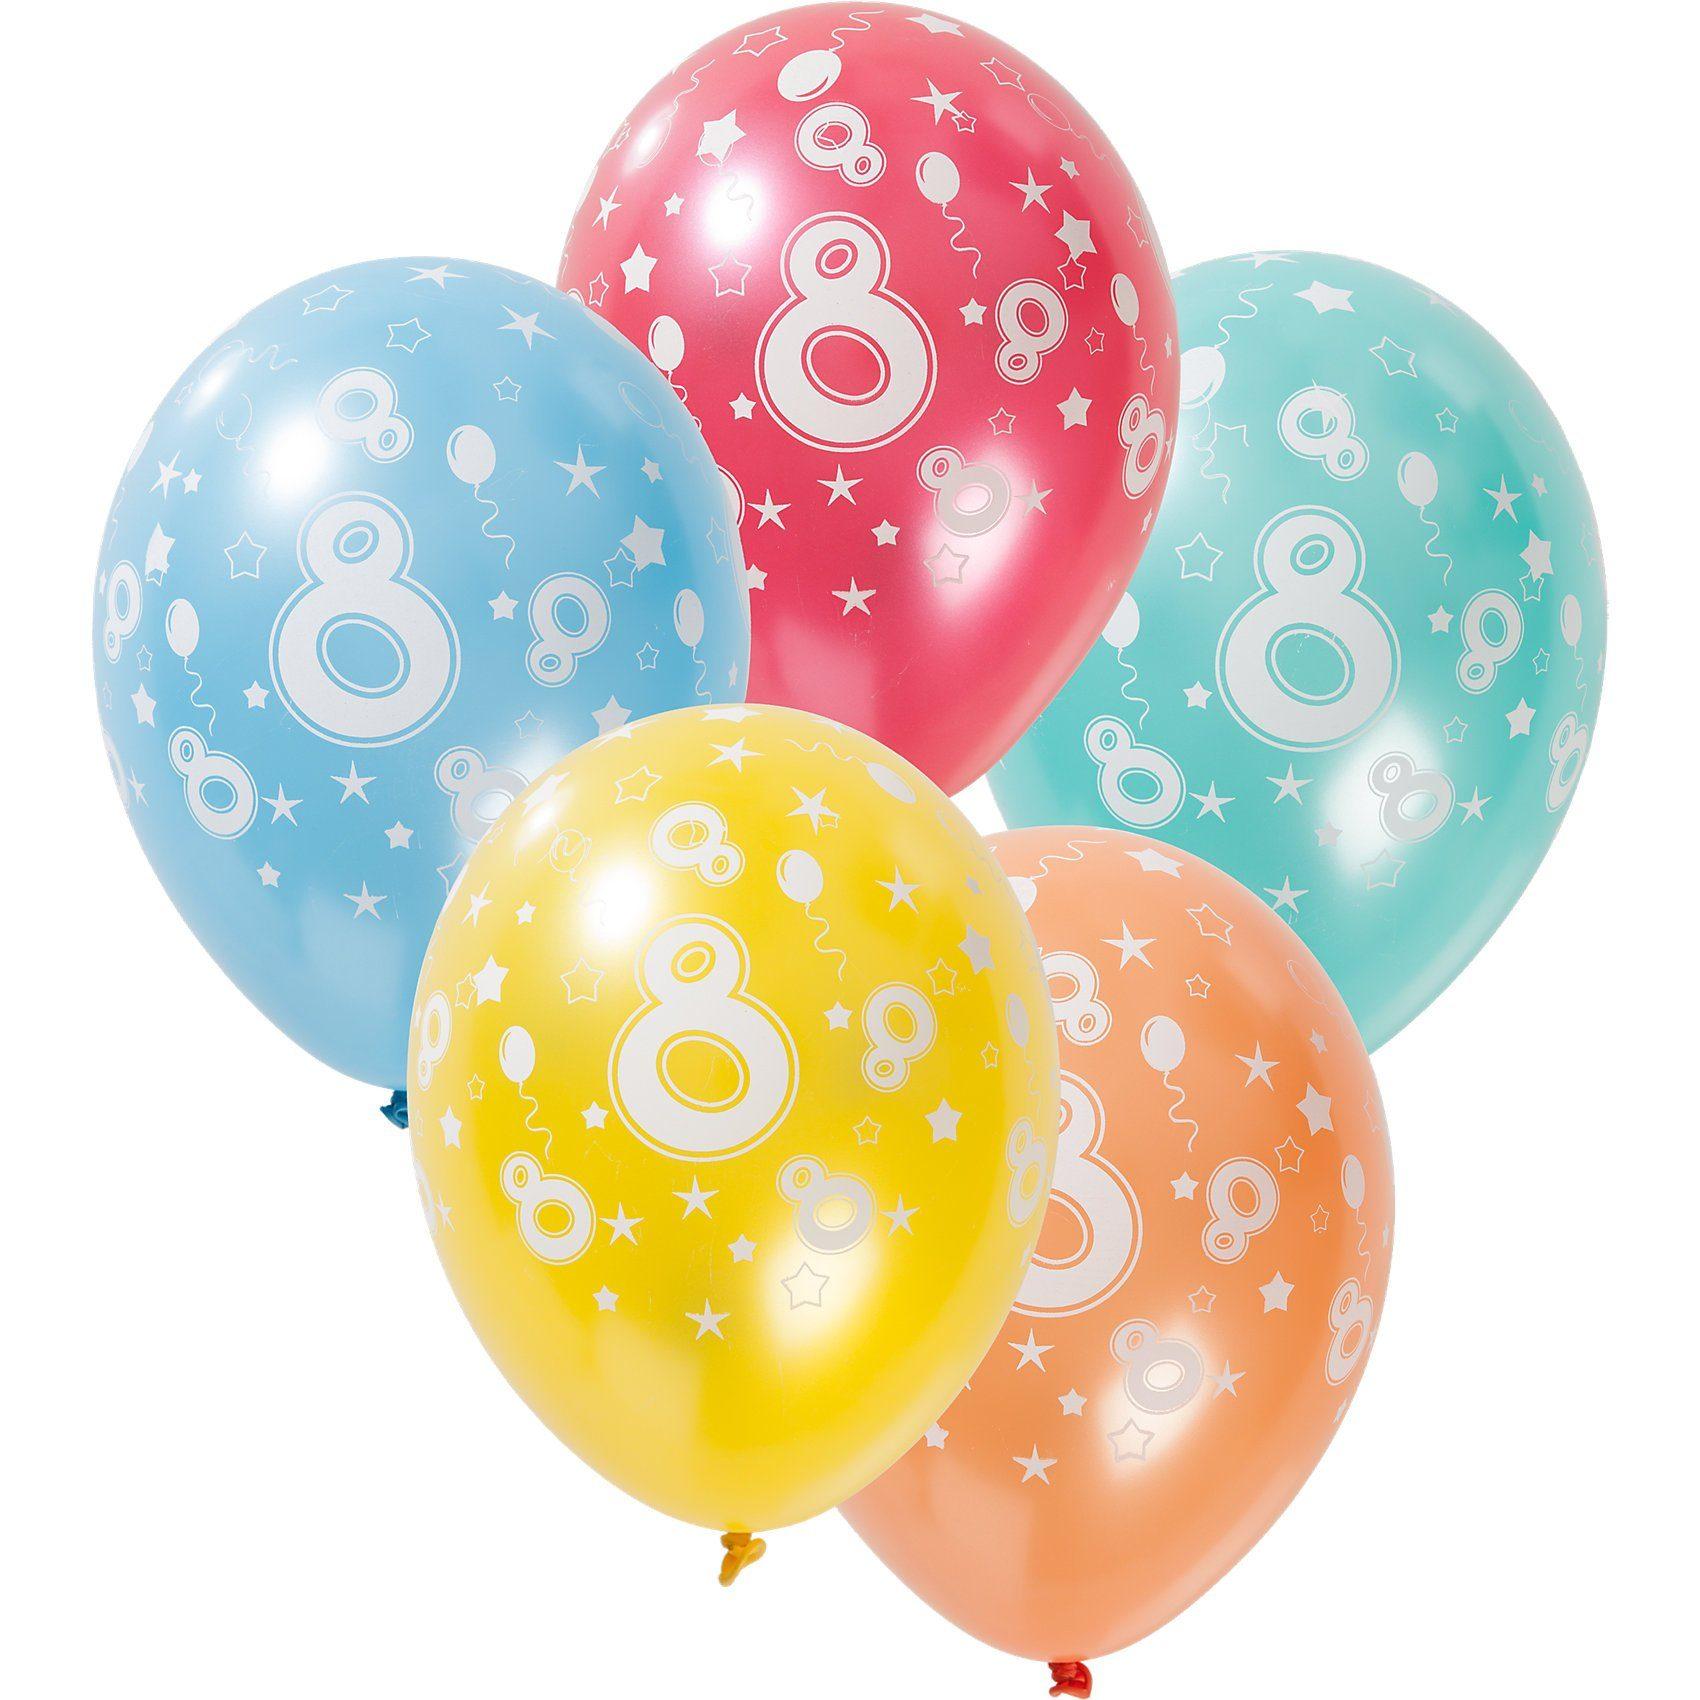 Zahlenluftballon 8, 5 Stück